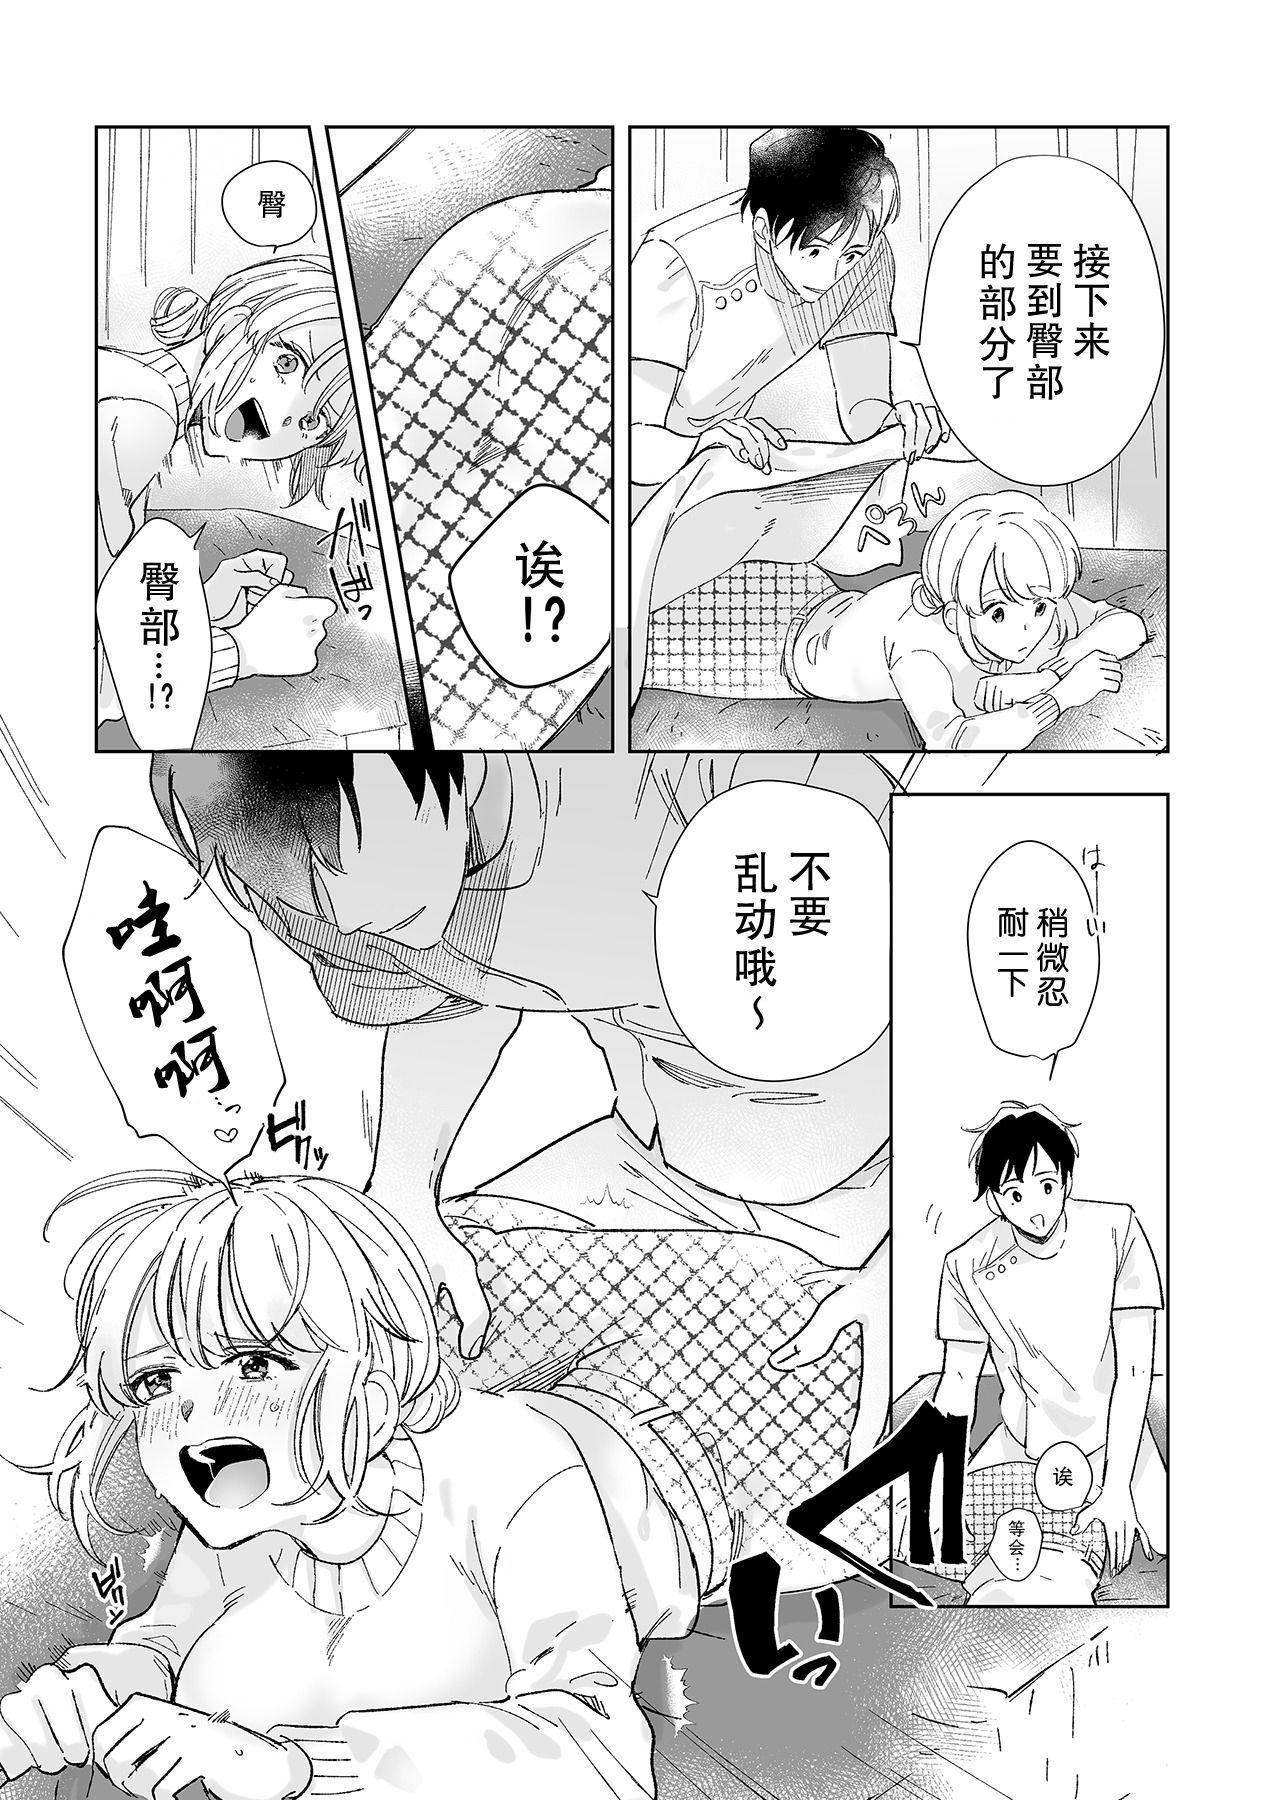 [Ryo] Osananajimi ja tarinai ~ seitai-shi no shigi wa yasashiku zuru i ~   无法满足于青梅竹马的关系~推拿师他的指技又厉害又狡猾~ Ch. 1-2 [Chinese] [莉赛特汉化组] 7